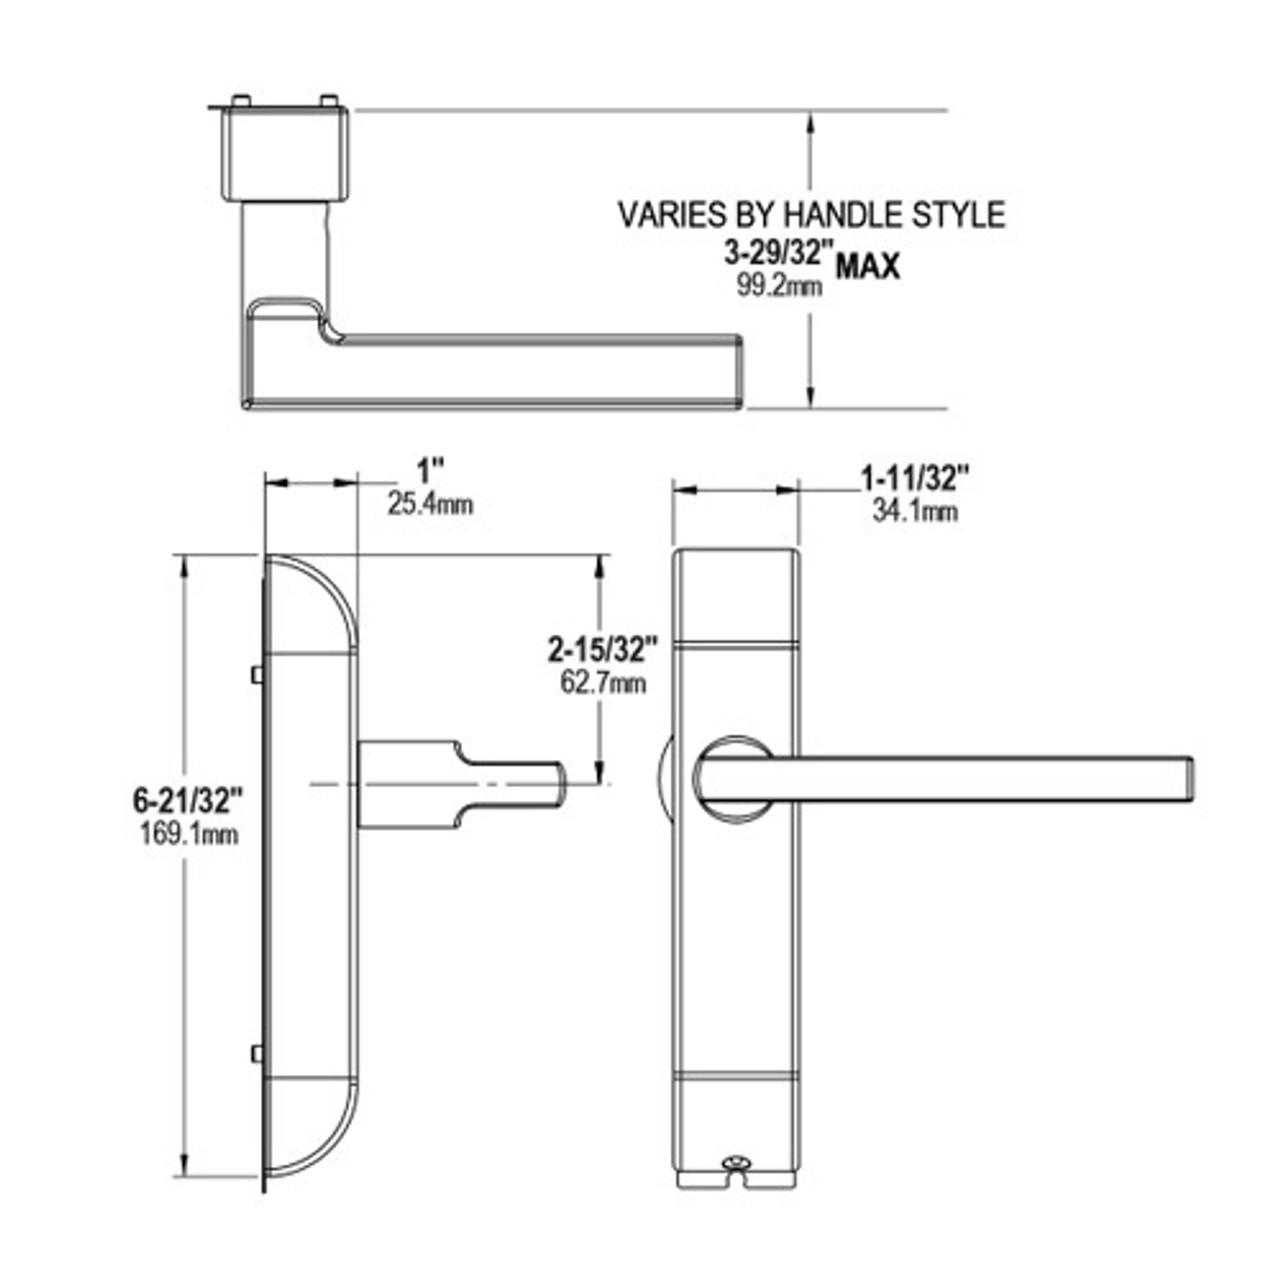 4600M-MG-652-US4 Adams Rite MG Designer handle Dimensional View